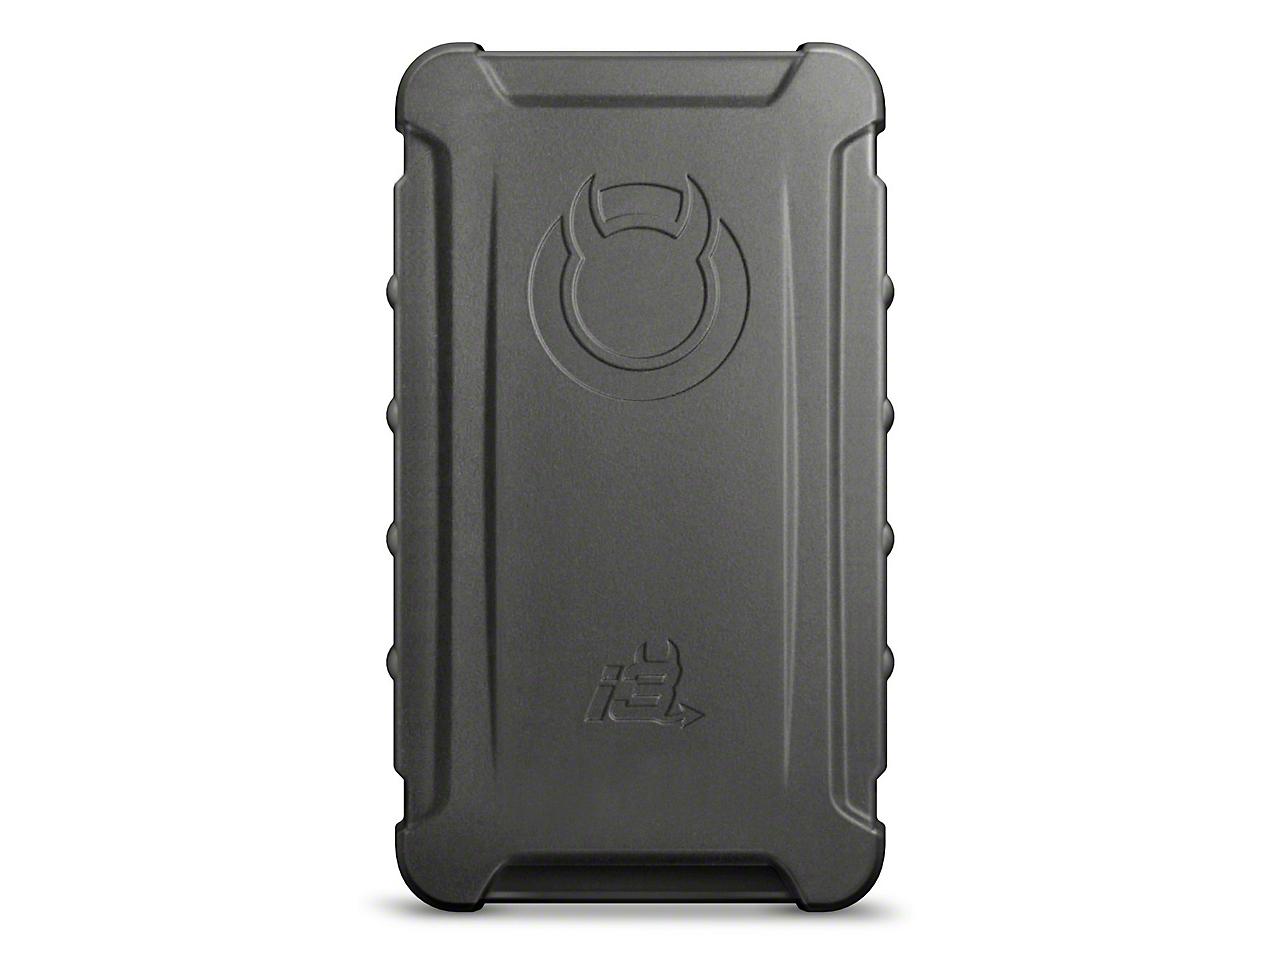 Diablosport inTune i3 Tuner (05-08 4.2L F-150)